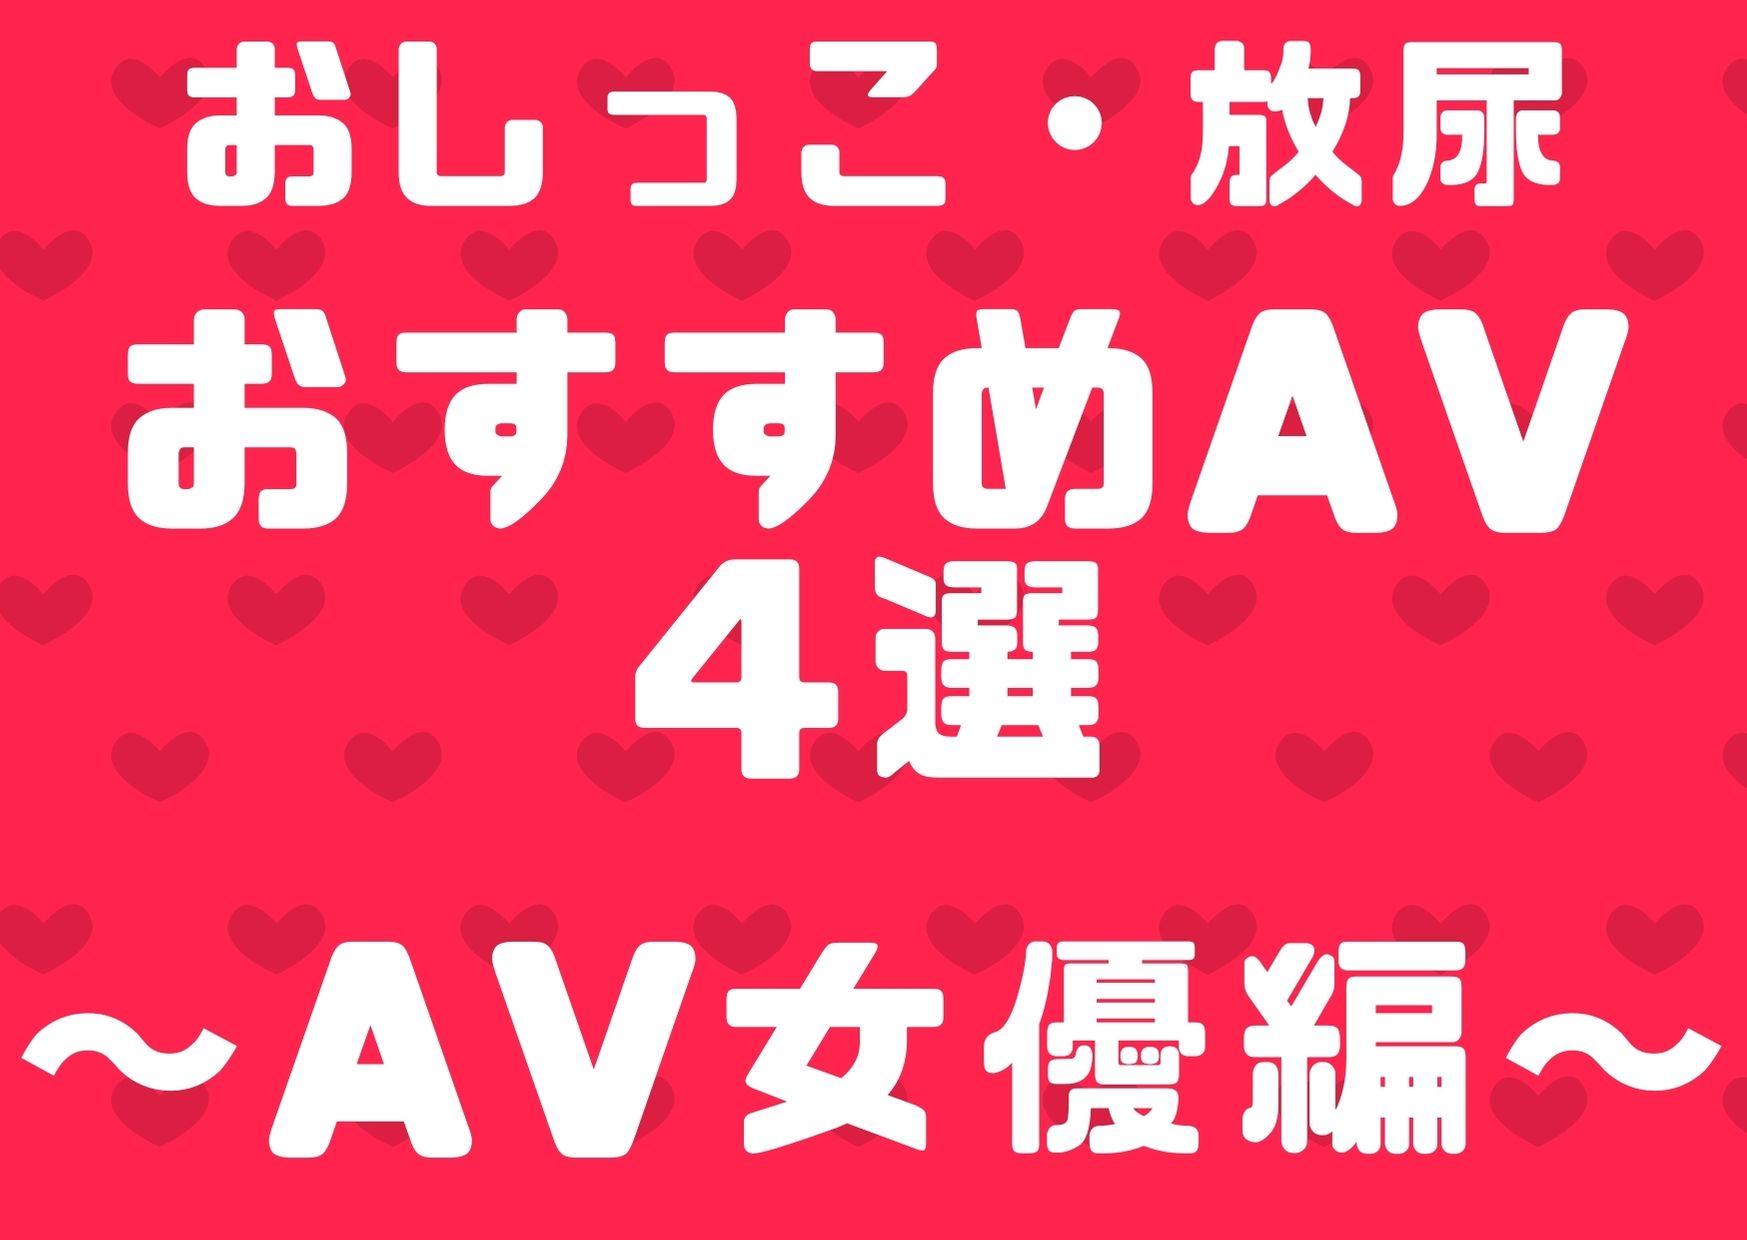 おしっこ・放尿AVおすすめ4選 150作品から厳選【AV女優編】